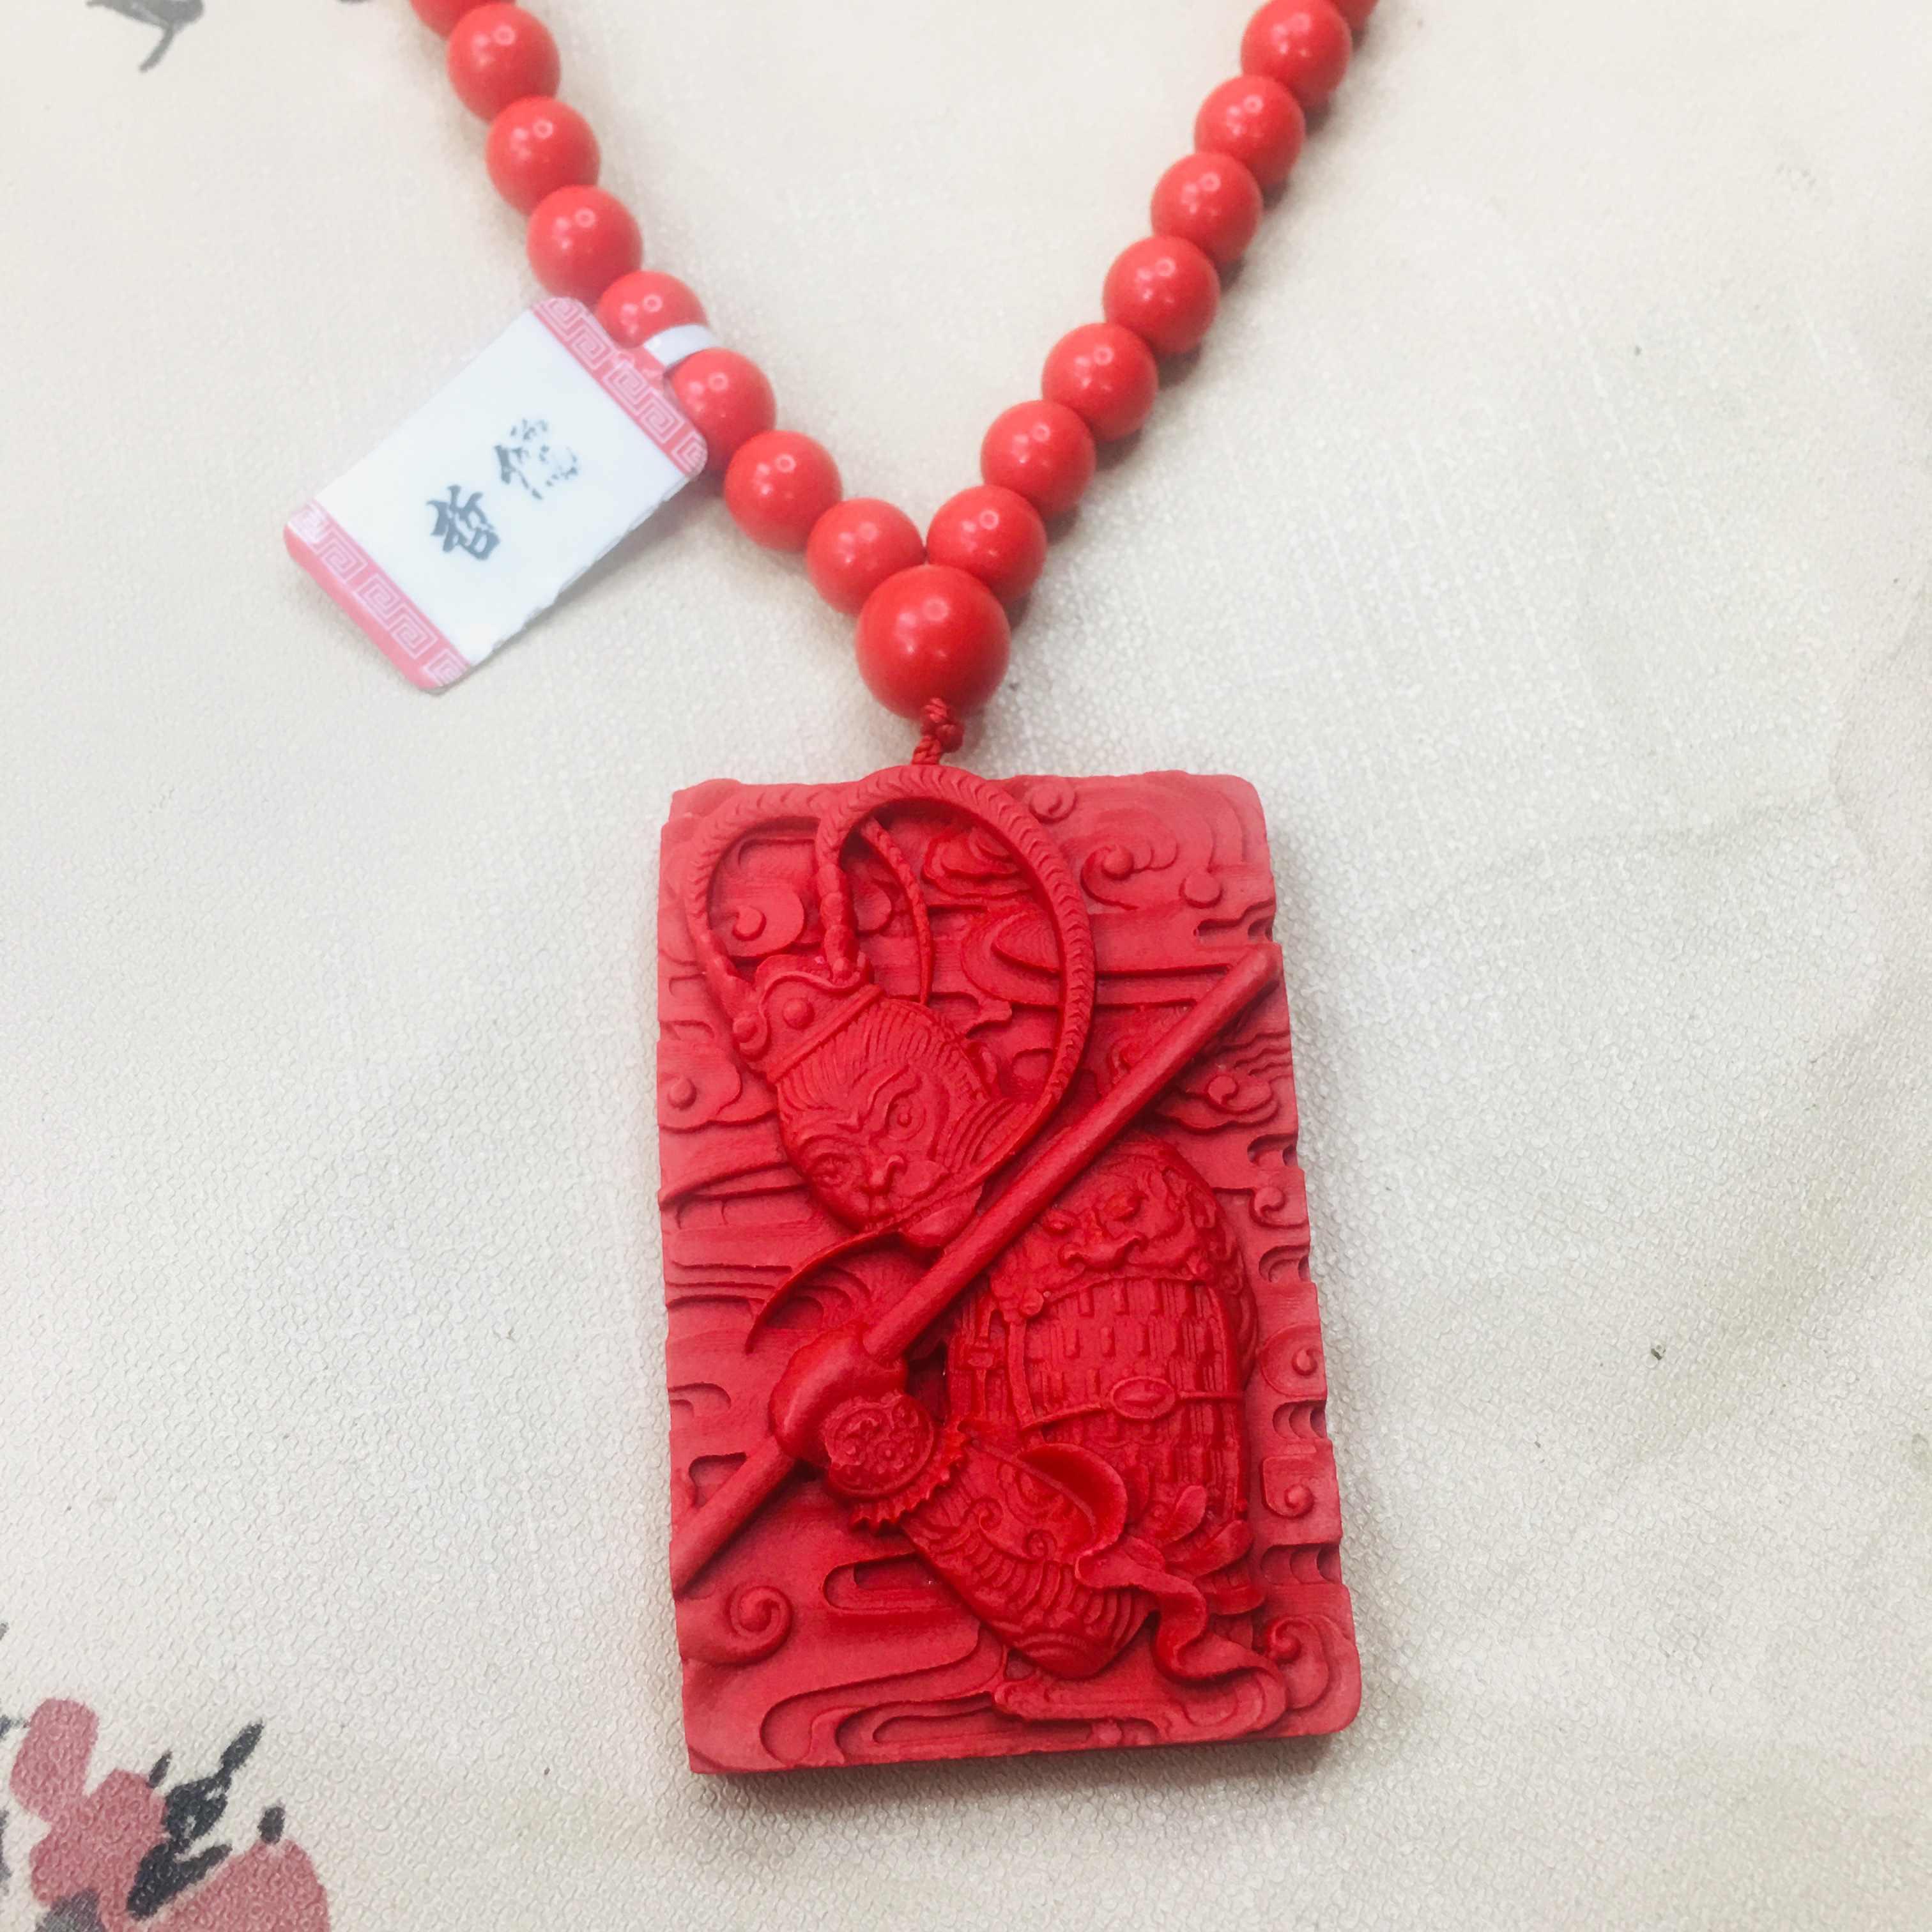 Zheru الطبيعية سينابار منحوتة الأحمر على الوجهين الشمس Wukong قلادة مع سينابار عقد من اللؤلؤ الرجال والنساء سترة سلسلة